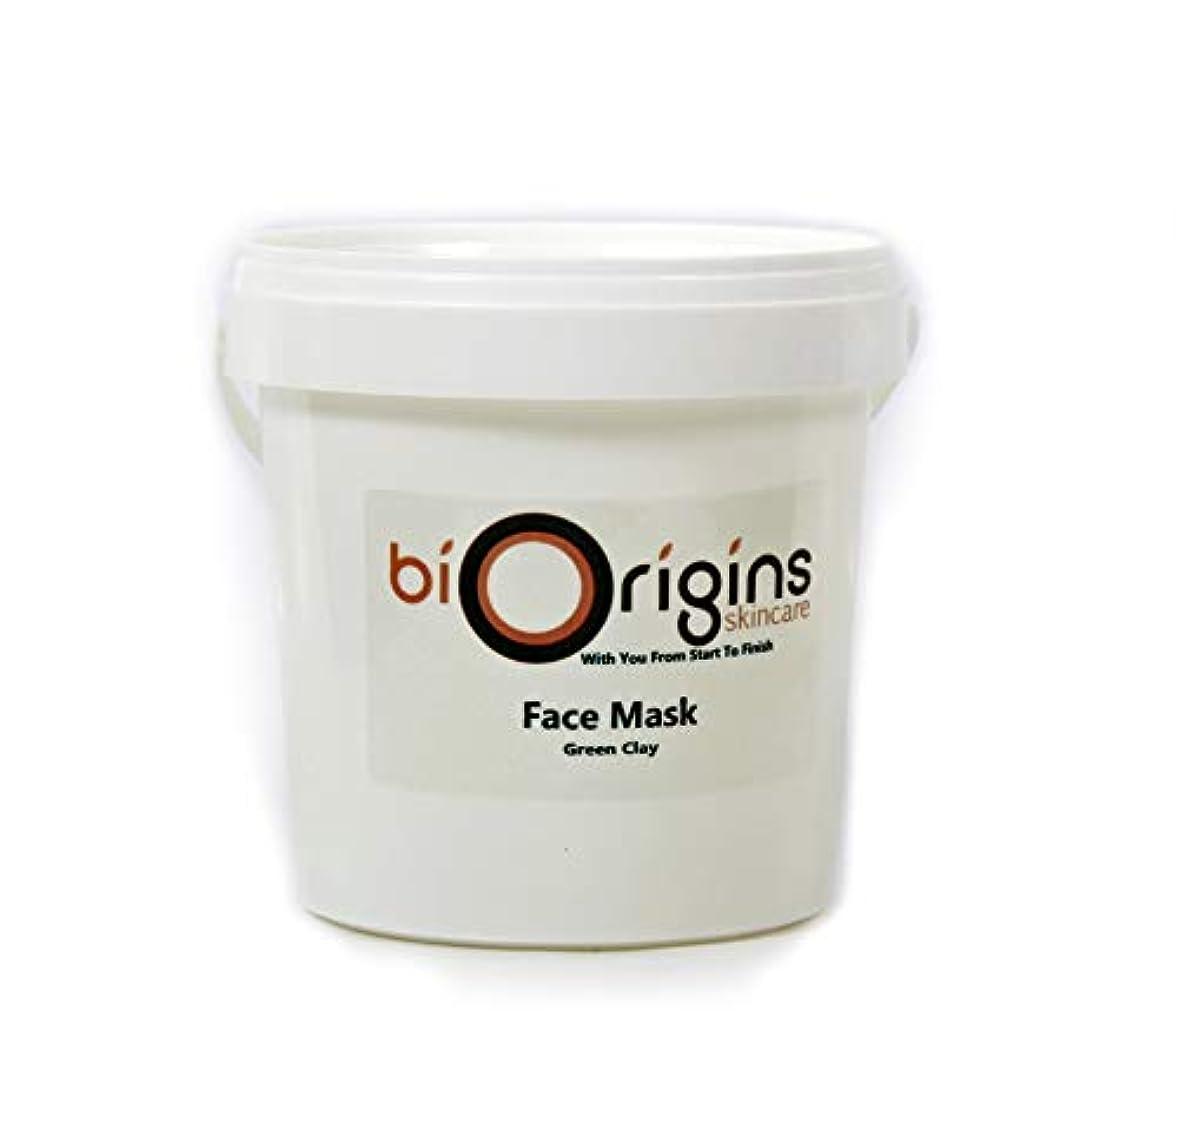 Face Mask - Green Clay - Botanical Skincare Base - 1Kg